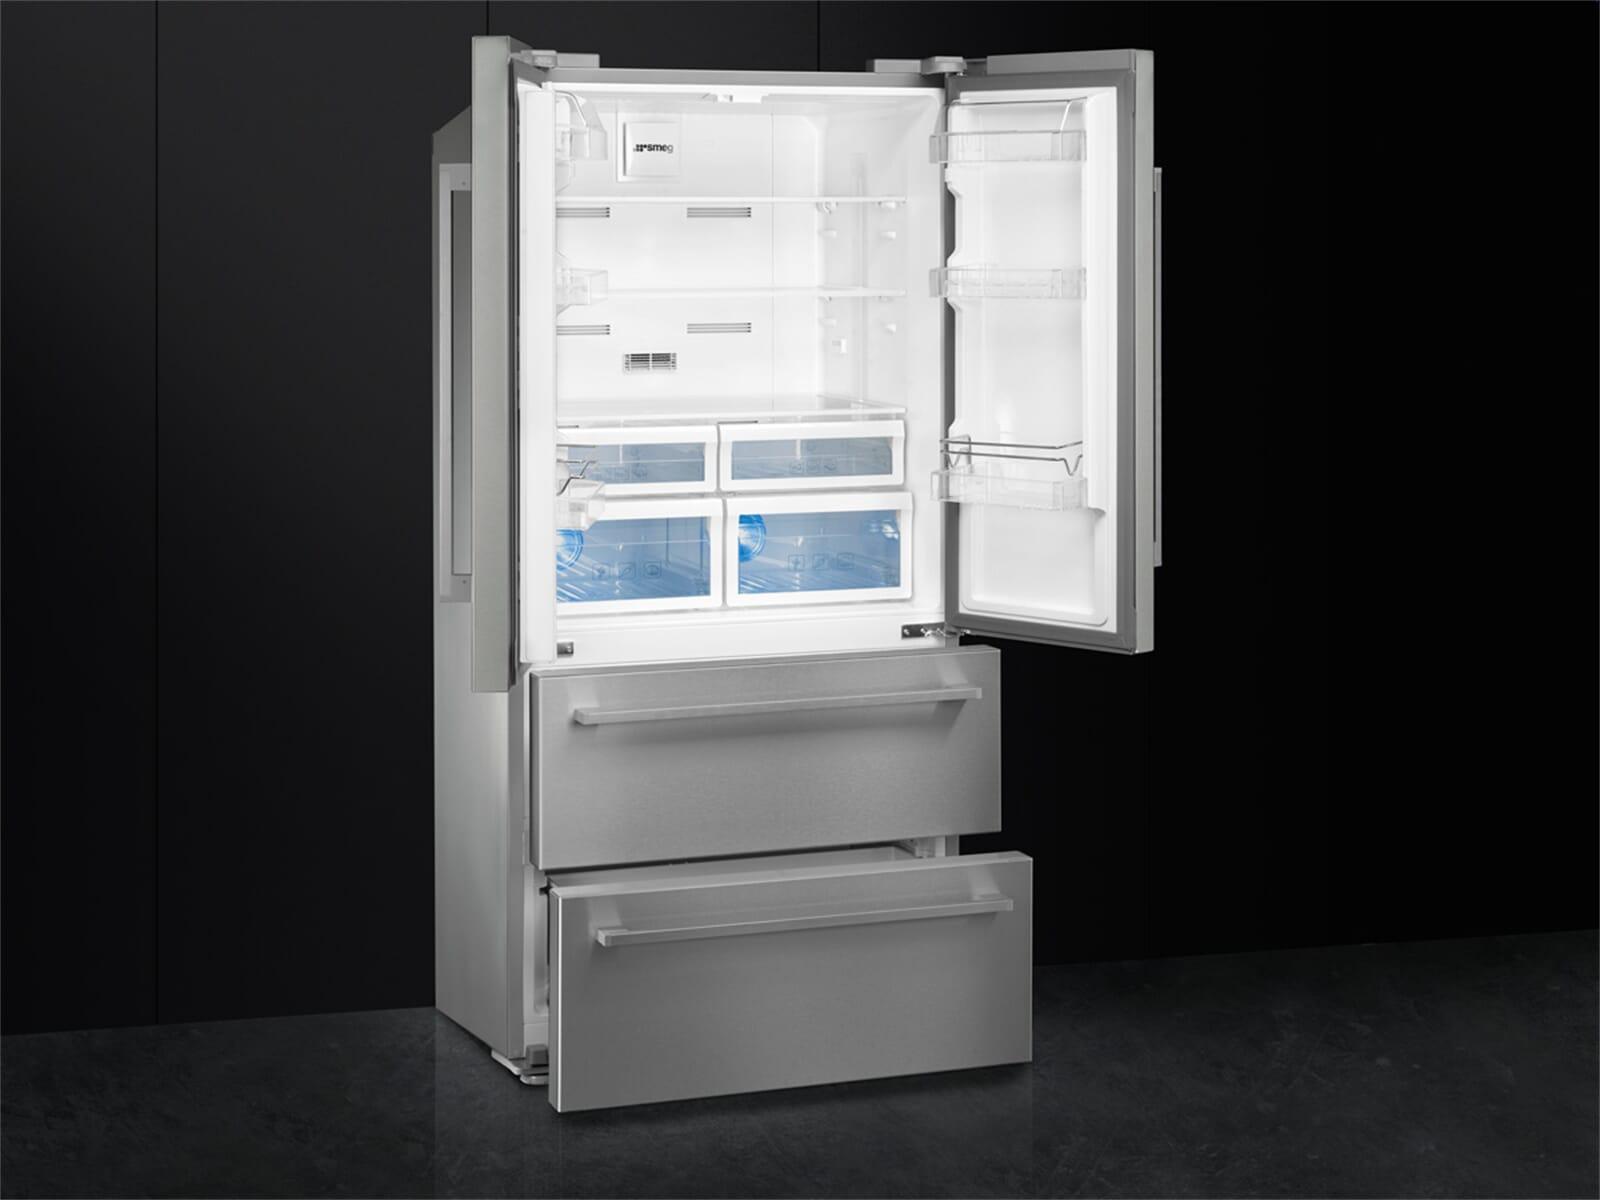 Bosch Kühlschrank Urlaubsmodus : Smeg fq55fx2pe frenchdoor kühl gefrier kombination edelstahl